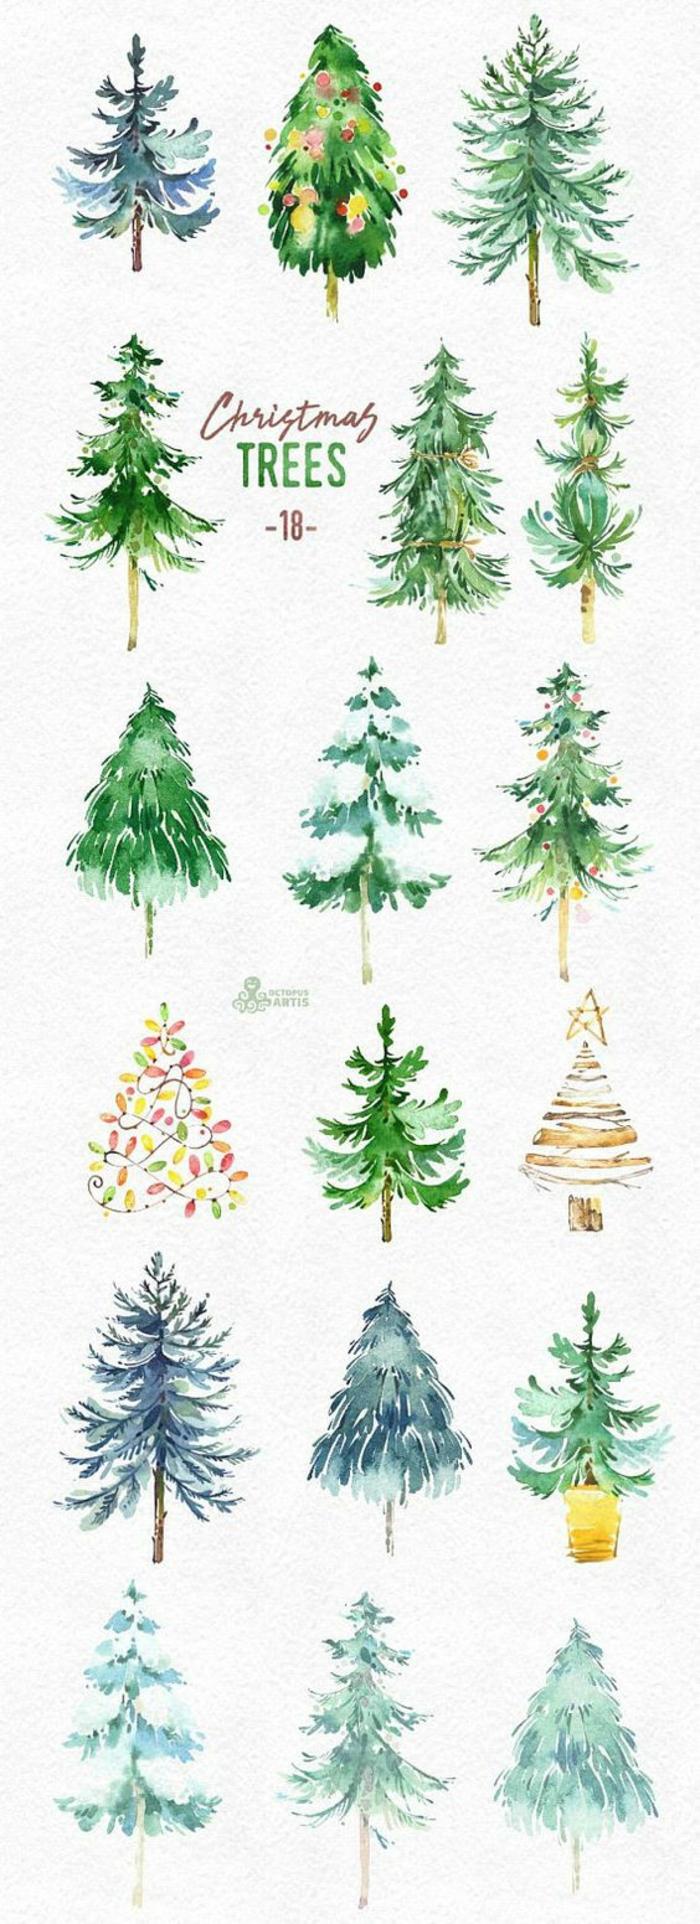 Dessin d arbre dessin au crayon noir arbre dessin beau dessin arbre de noel carte de noel, dessin d'arbre en couleur